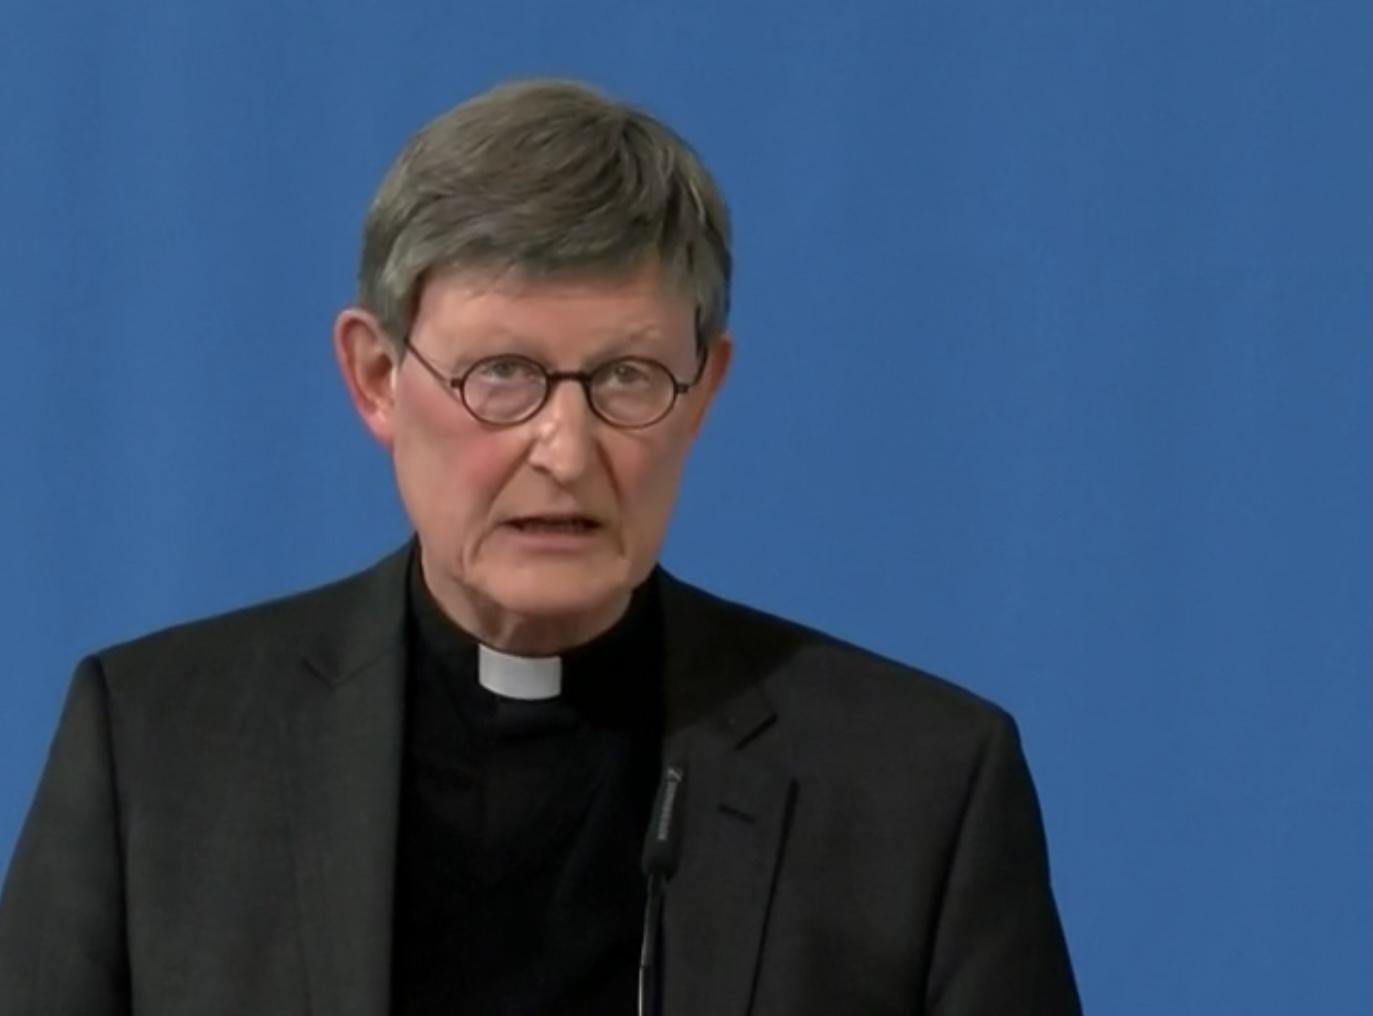 """Köln –Der umstrittene Kölner Kardinal Rainer Maria Woelki hat sich in seine vom Papst gewährte Auszeit verabschiedet. """"Zunächst werde ich 30-tägige Exerzitien machen, auch ein Grund, warum ich den Heiligen Vater um diese Auszeit gebeten hatte"""", sagte der Erzbischof am Sonntag im """"Wort des Bischofs"""" auf dem bistumseigenen Online-Portal domradio.de. Anschließend wolle er sich in Nachbarländern, vielleicht in den Niederlanden, über deren Wege der Seelsorge informieren. """"Noch mal einen anderen Blick auf Vieles bekommen, das wünsche ich mir."""""""